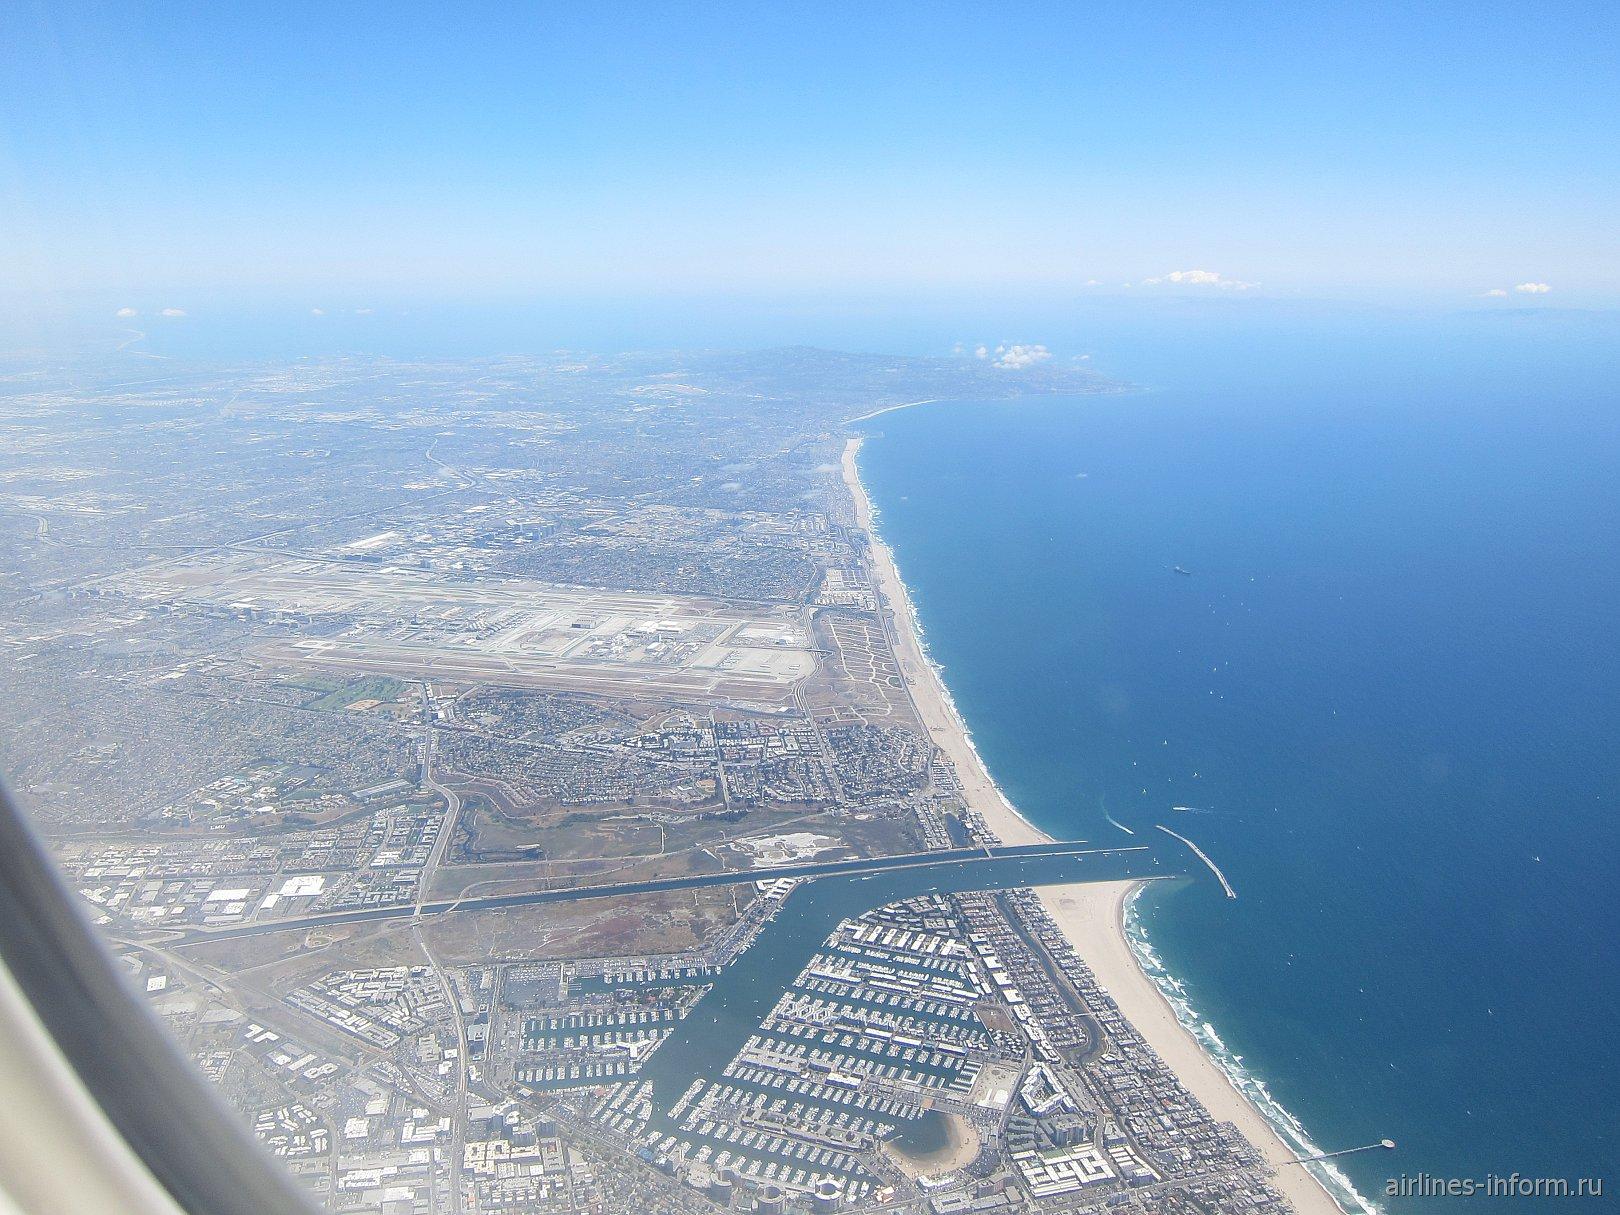 Аэропорт Лос-Анджелес